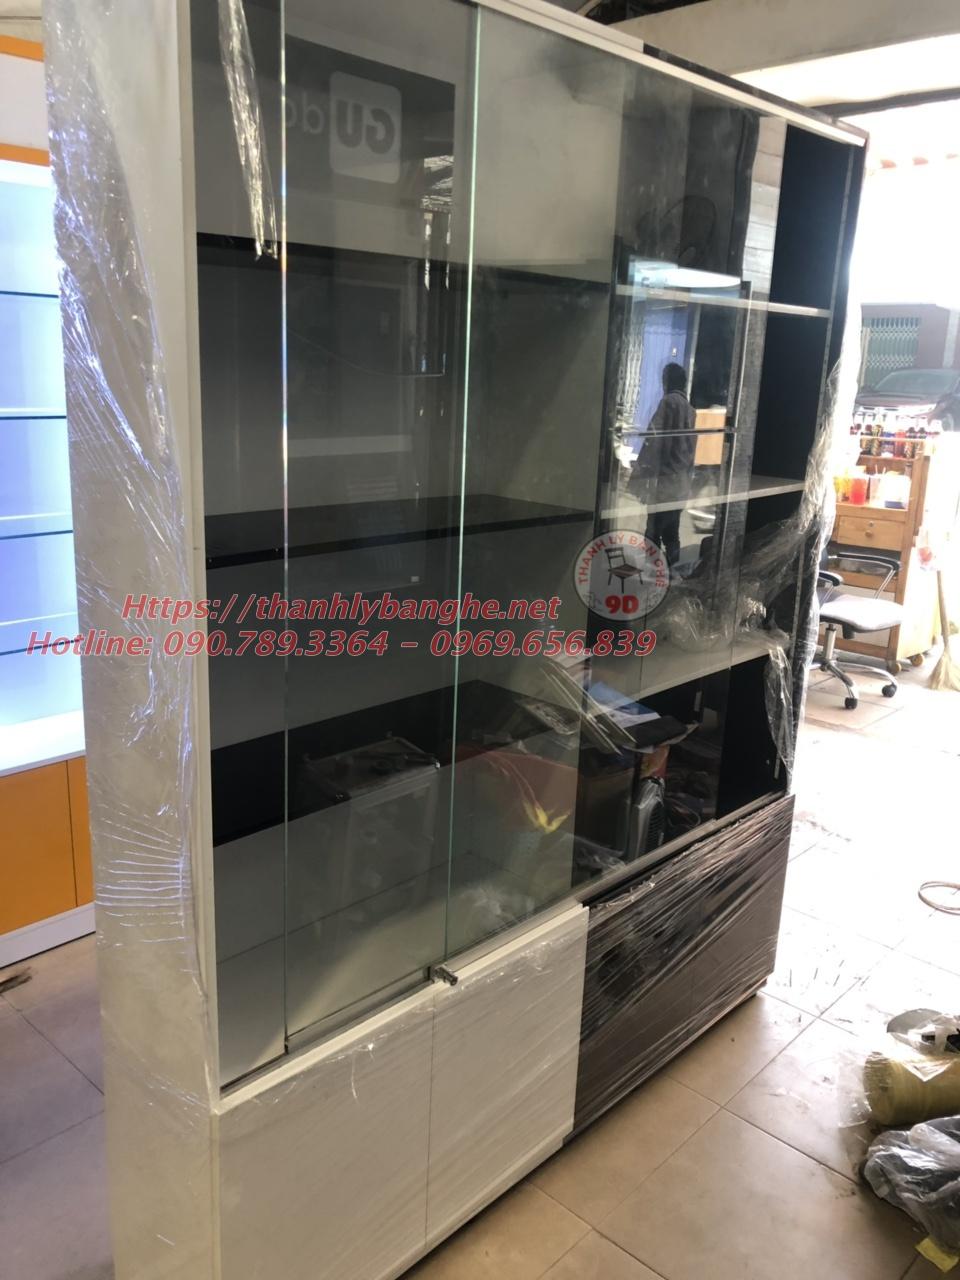 Thanh lý tủ trưng bày đồ phong thuỷ cũ tại TpHCM